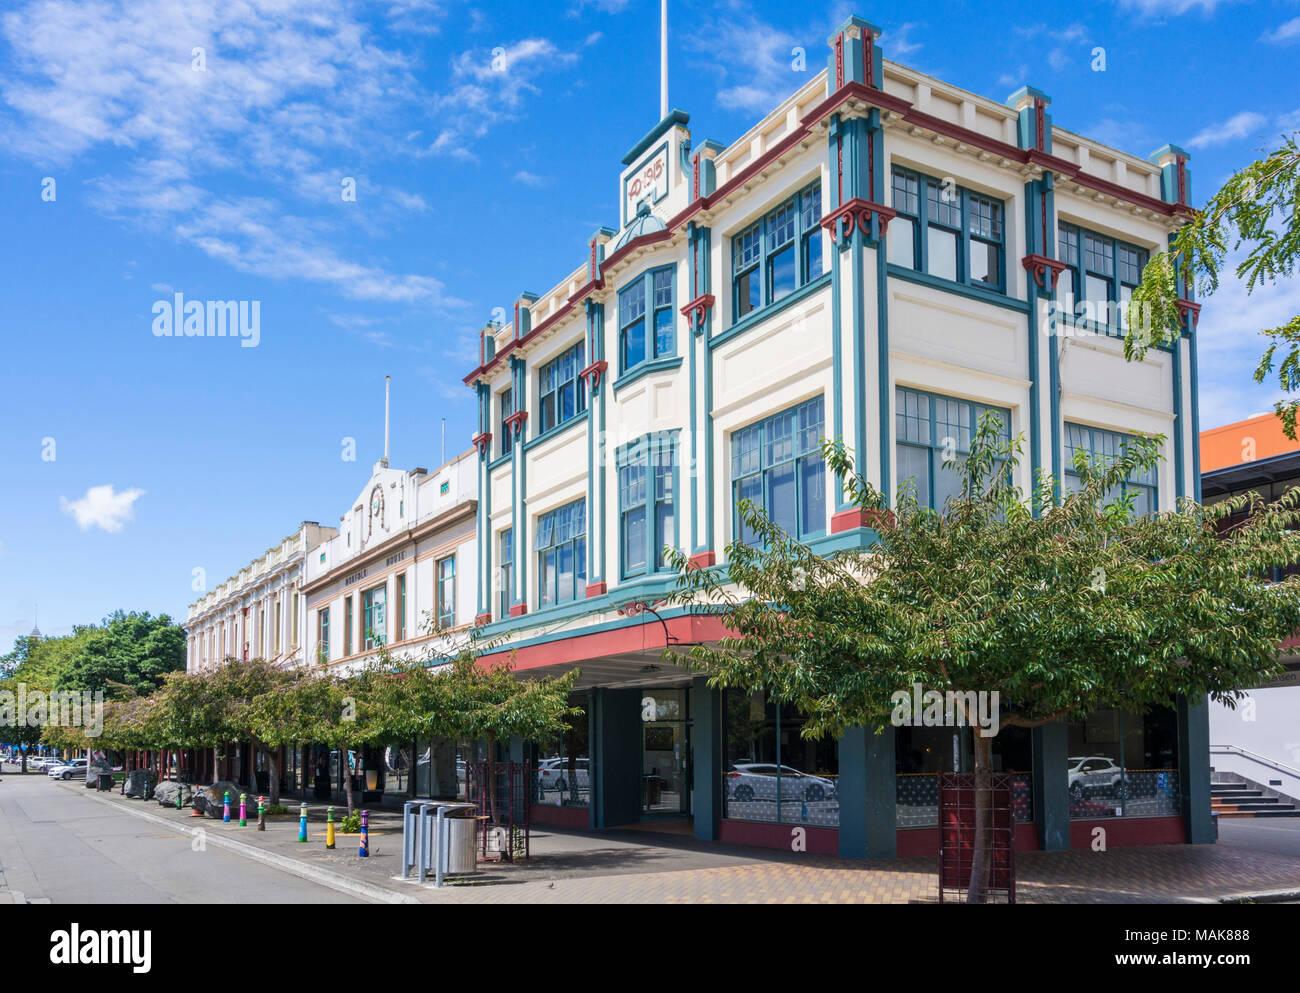 Nouvelle-zélande le centre-ville de Palmerston North Palmerston North mall Coleman centre-ville des bâtiments de style art déco New Zealand North Island Photo Stock